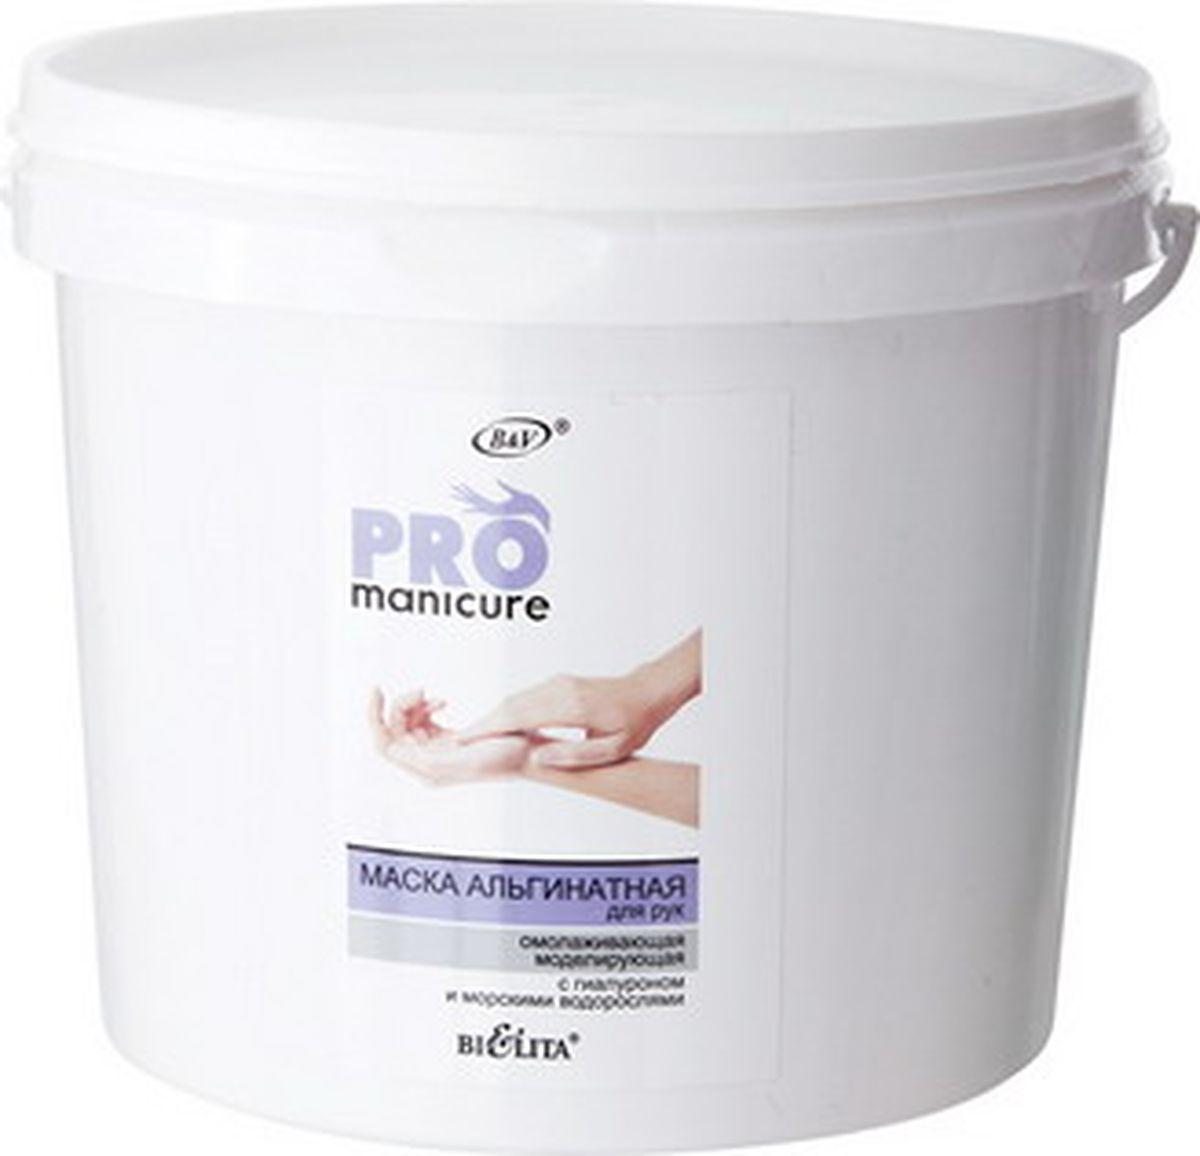 Белита Маска альгинатная для рук омолаживающая моделирующая Pro Manicure, 300 гB-1080Пластифицирующая маска сильного омолаживающего и подтягивающего действия.Состоит из 10 активных компонентов.Гиалурон и литатамниум, морские водоросли увлажняют, насыщают минералами, придают коже шелковистость и гладкость.Альгинат на коже образует защитную пленку, которая разглаживает, укрепляет, глубоко увлажняет и способствует сохранению влаги.300 мл. Пластифицирующая маска сильного омолаживающего и подтягивающего действия.Состоит из 10 активных компонентов.Гиалурон и литатамниум, морские водоросли увлажняют, насыщают минералами, придают коже шелковистость и гладкость.Альгинат на коже образует защитную пленку, которая разглаживает, укрепляет, глубоко увлажняет и способствует сохранению влаги.Альгинатная маска для рук – настоящее чудо современной косметологии, и достоинства их поистине бесчисленны. Это универсальное средство с повышенным содержанием витаминов подходит и для молодой , и для возрастной кожи. Микроэлементы, входящие в ее состав, справятся со следующими проблемами: разгладят морщины . повысят тонус и эластичность кожи, укрепив коллагеновые волокна; поддержат водный баланс и сведут к минимуму возрастные изменения; сотрут следы усталости и улучшат цвет кожи окажут омолаживающий эффект и усилят процессы регенерации; помогут рассасыванию застойных пятен. снимет раздражения ,предотвратит растрескивание и заусенцы 300 мл.Как ухаживать за ногтями: советы эксперта. Статья OZON Гид